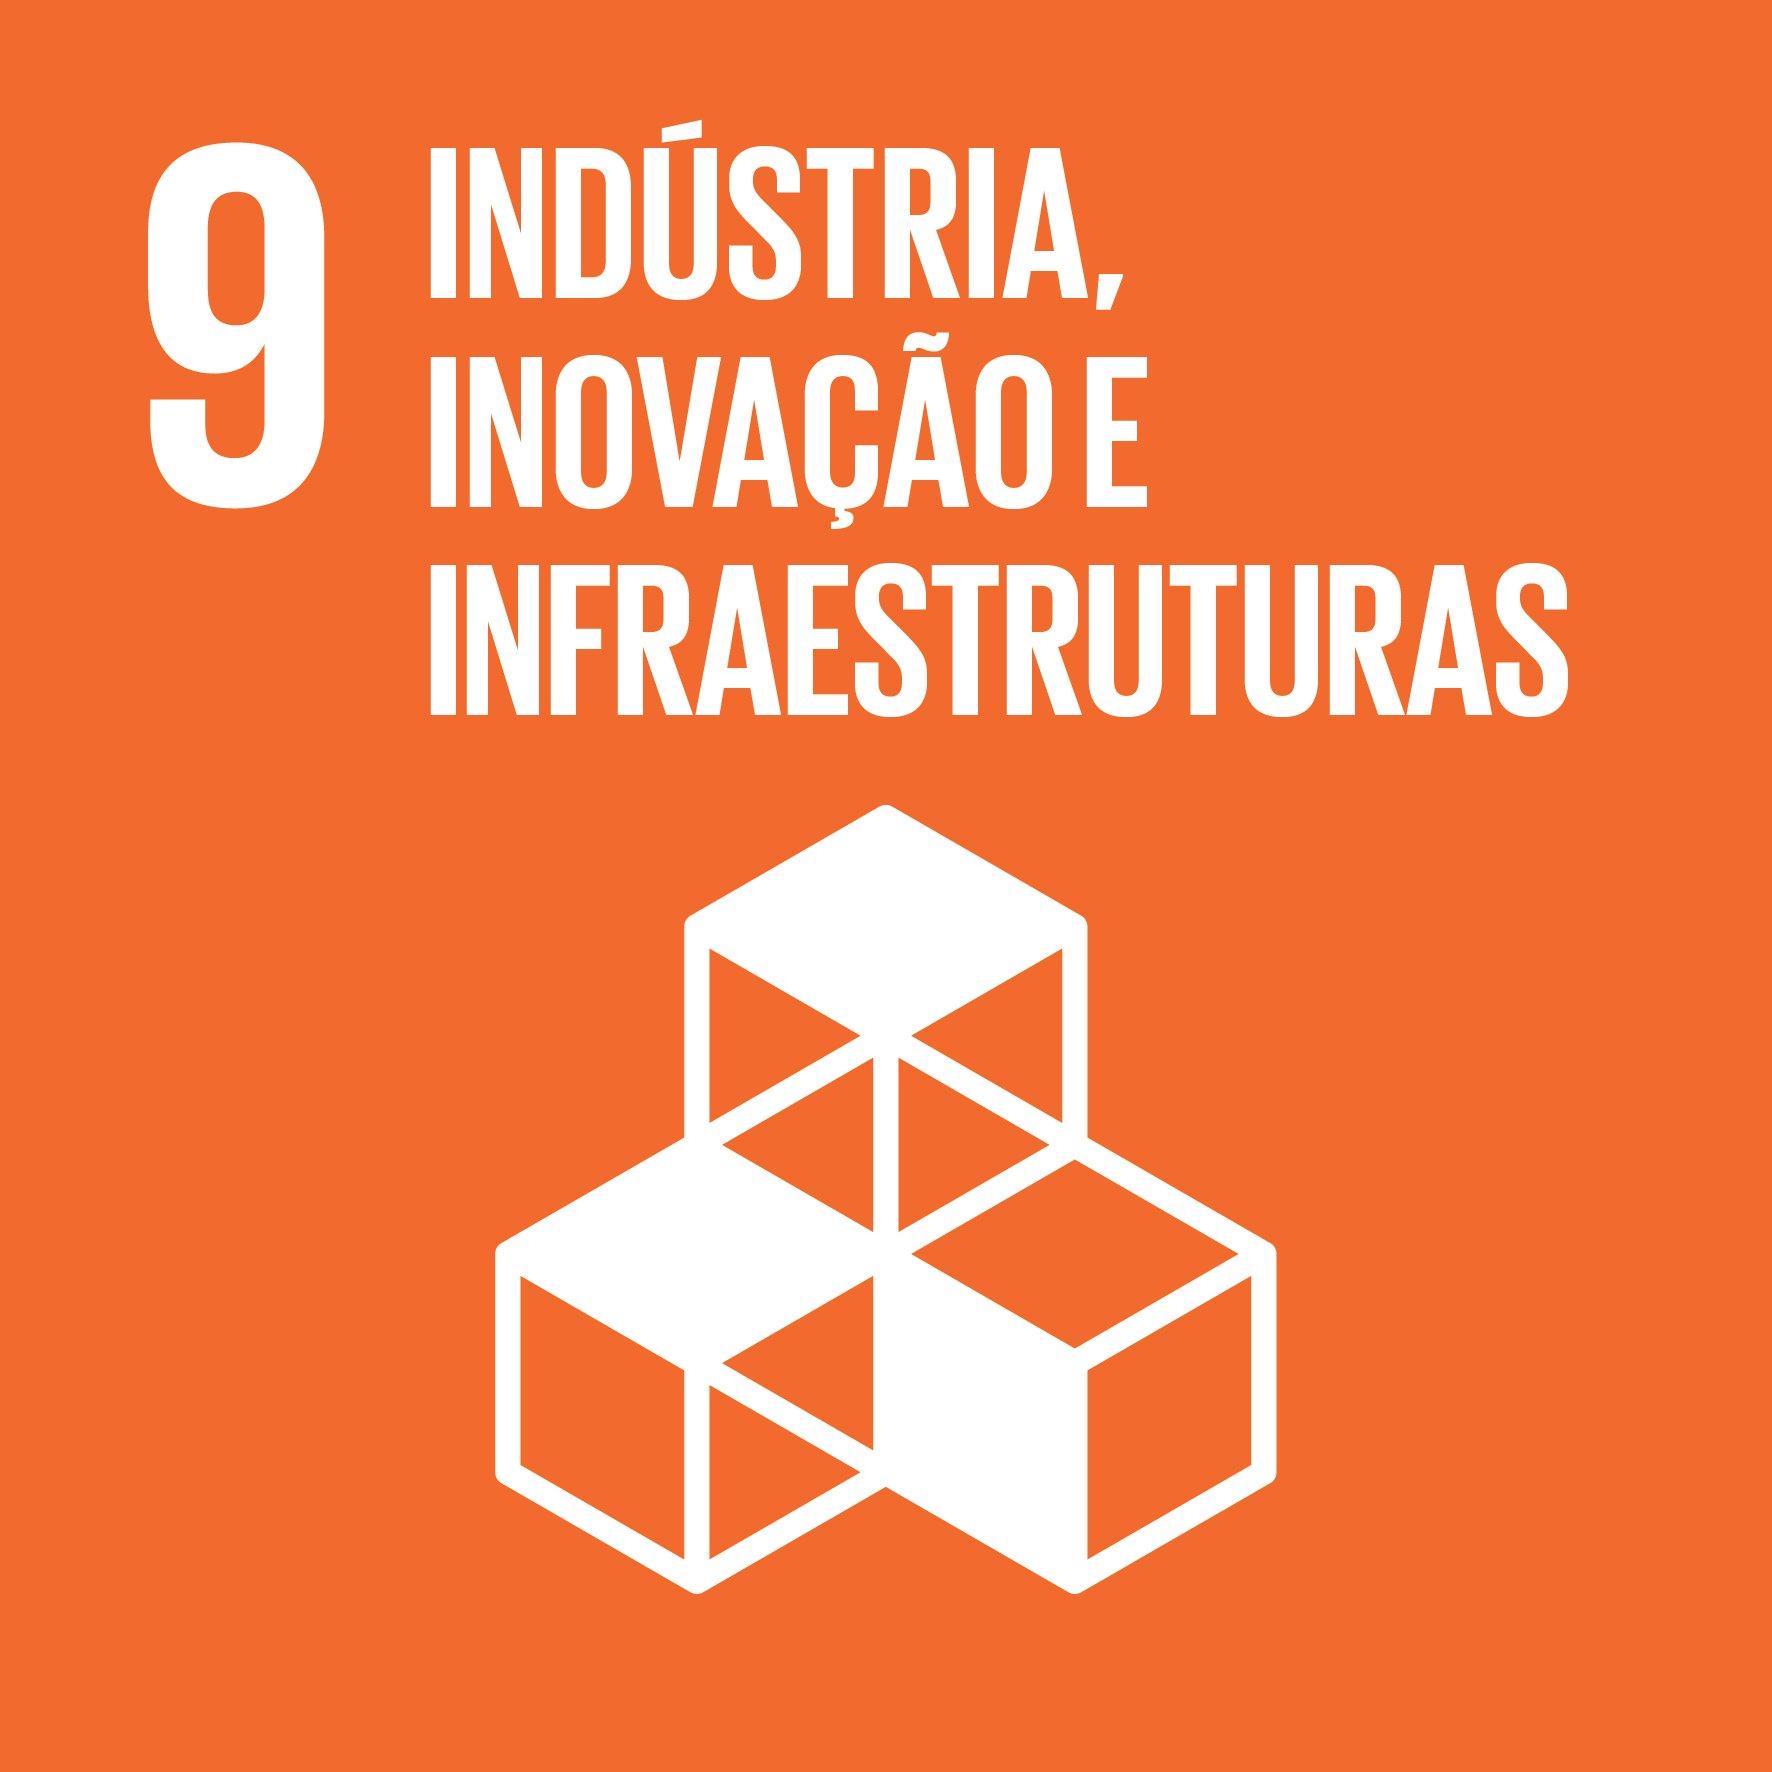 Indústria, inovação e infraestruturas